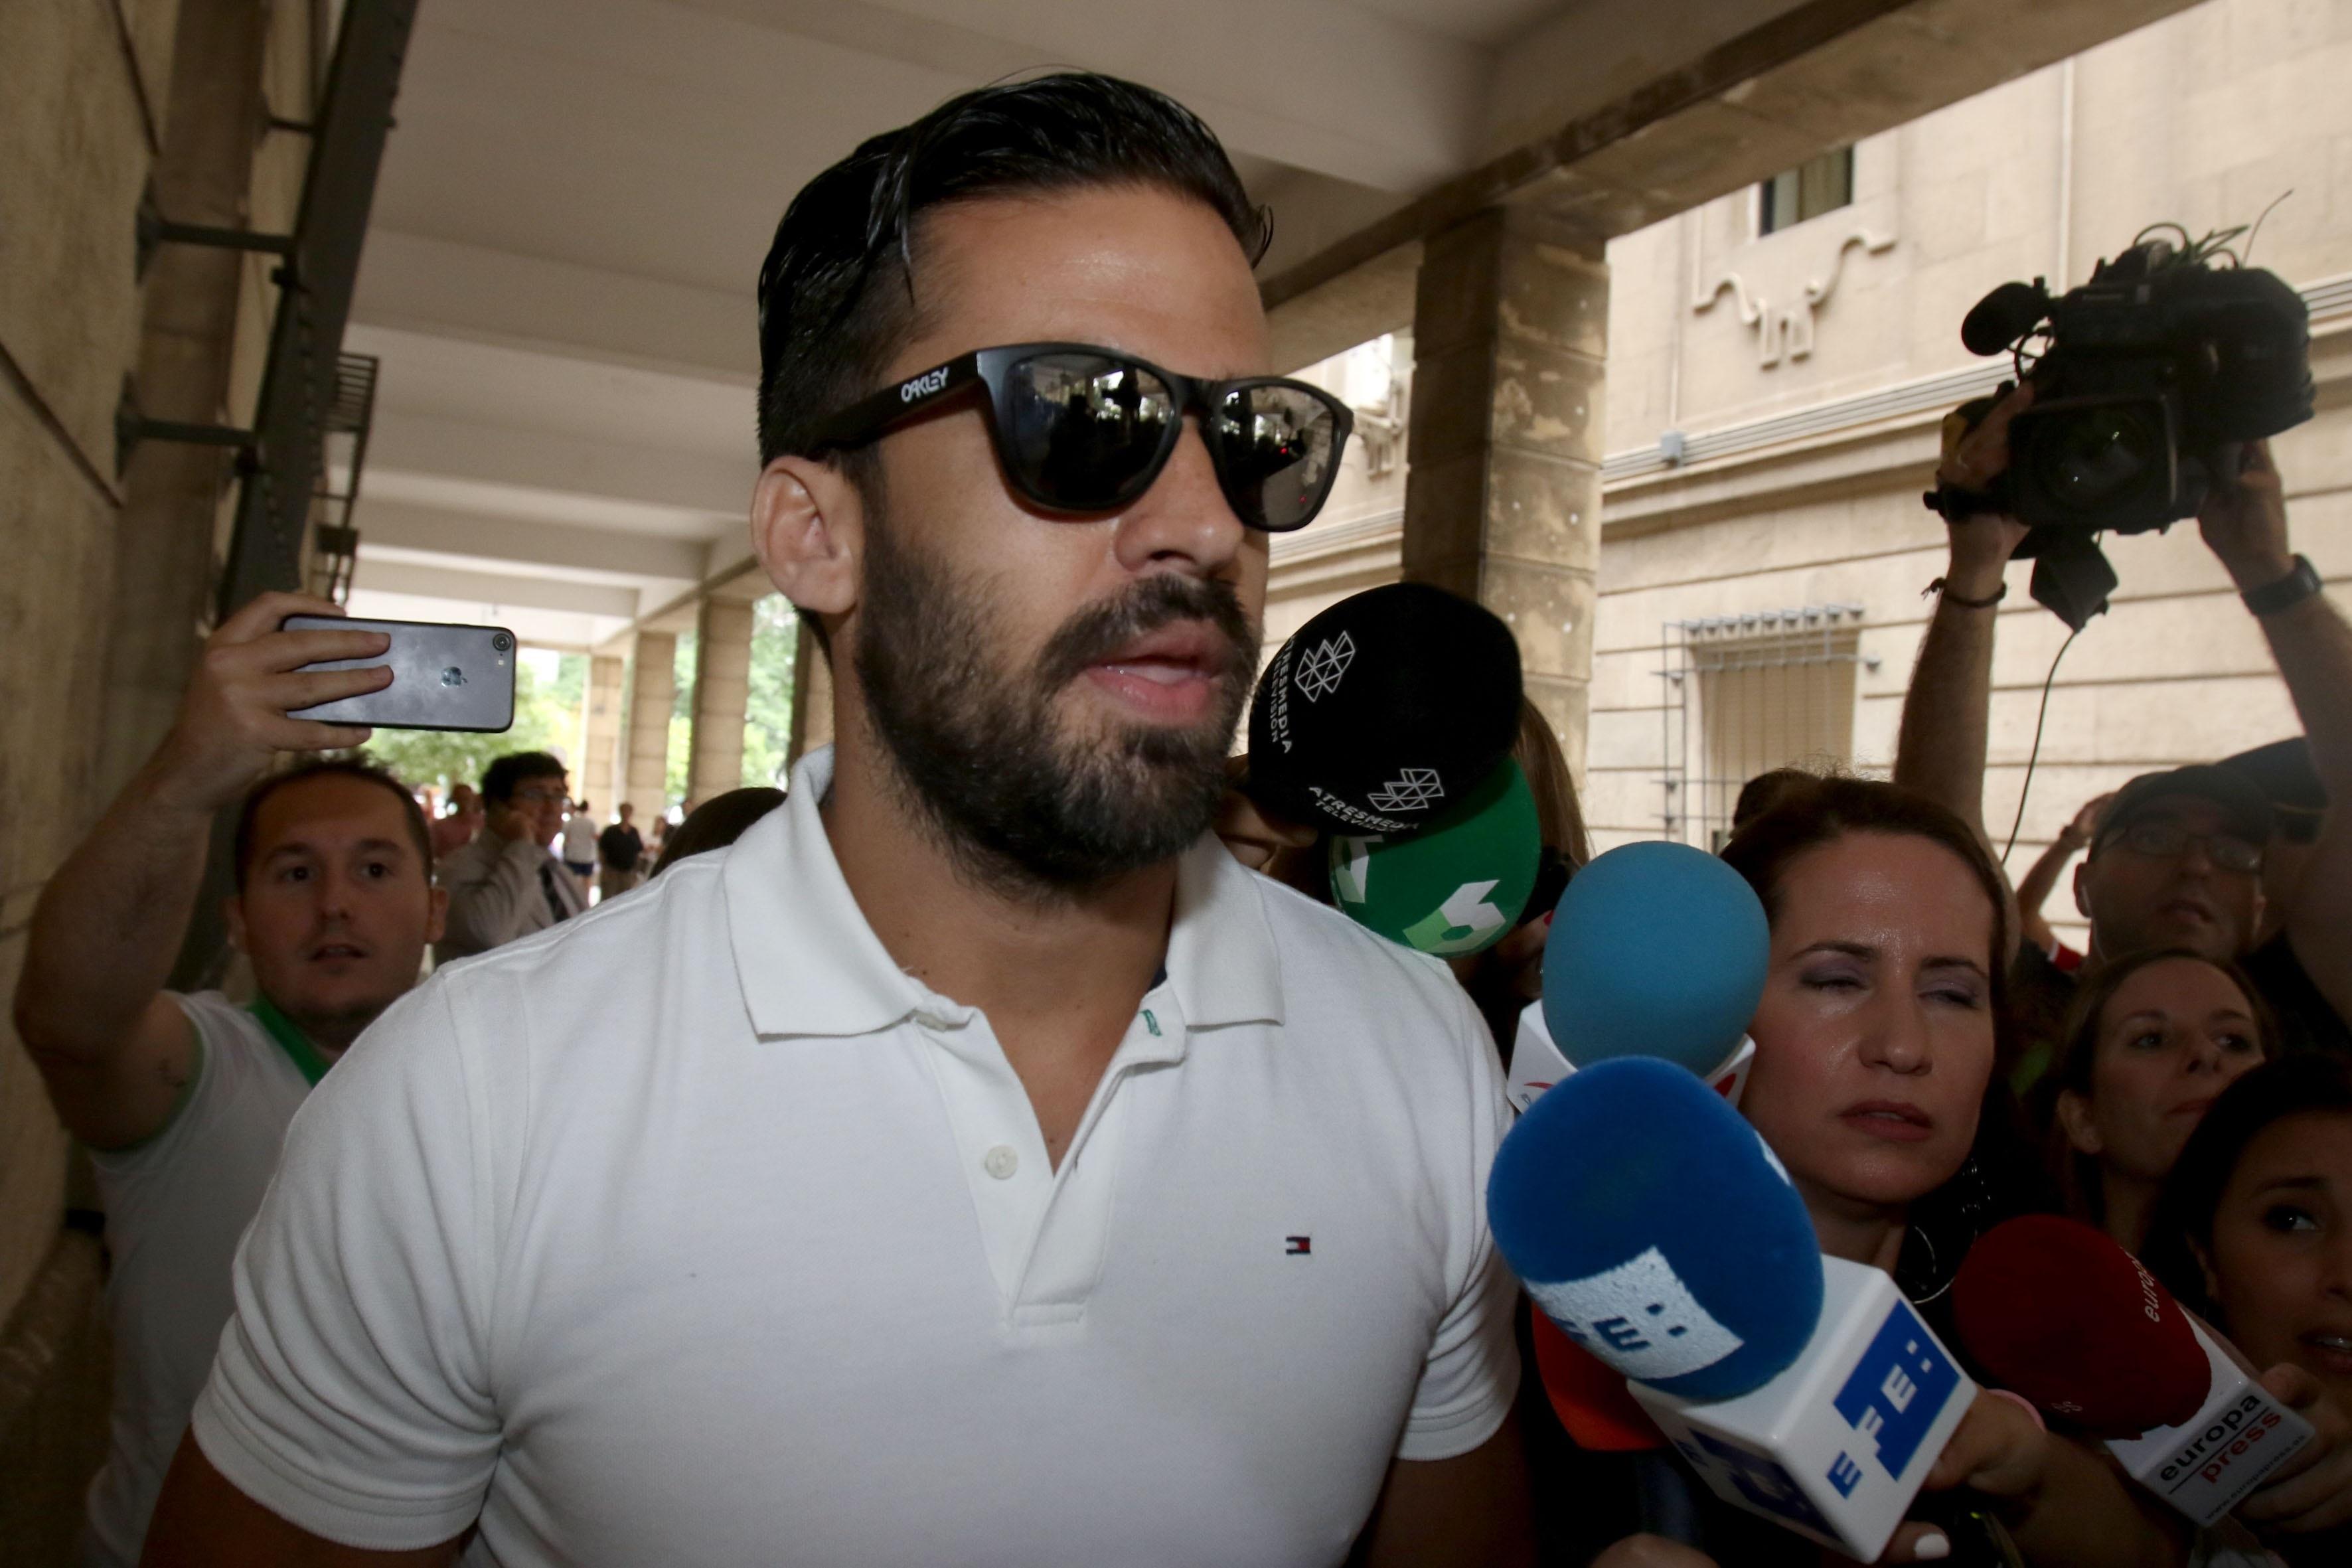 La Audiencia de Navarra mantiene la libertad provisional del condenado por abusos de 'La Manada' que intentó renovar el pasaporte